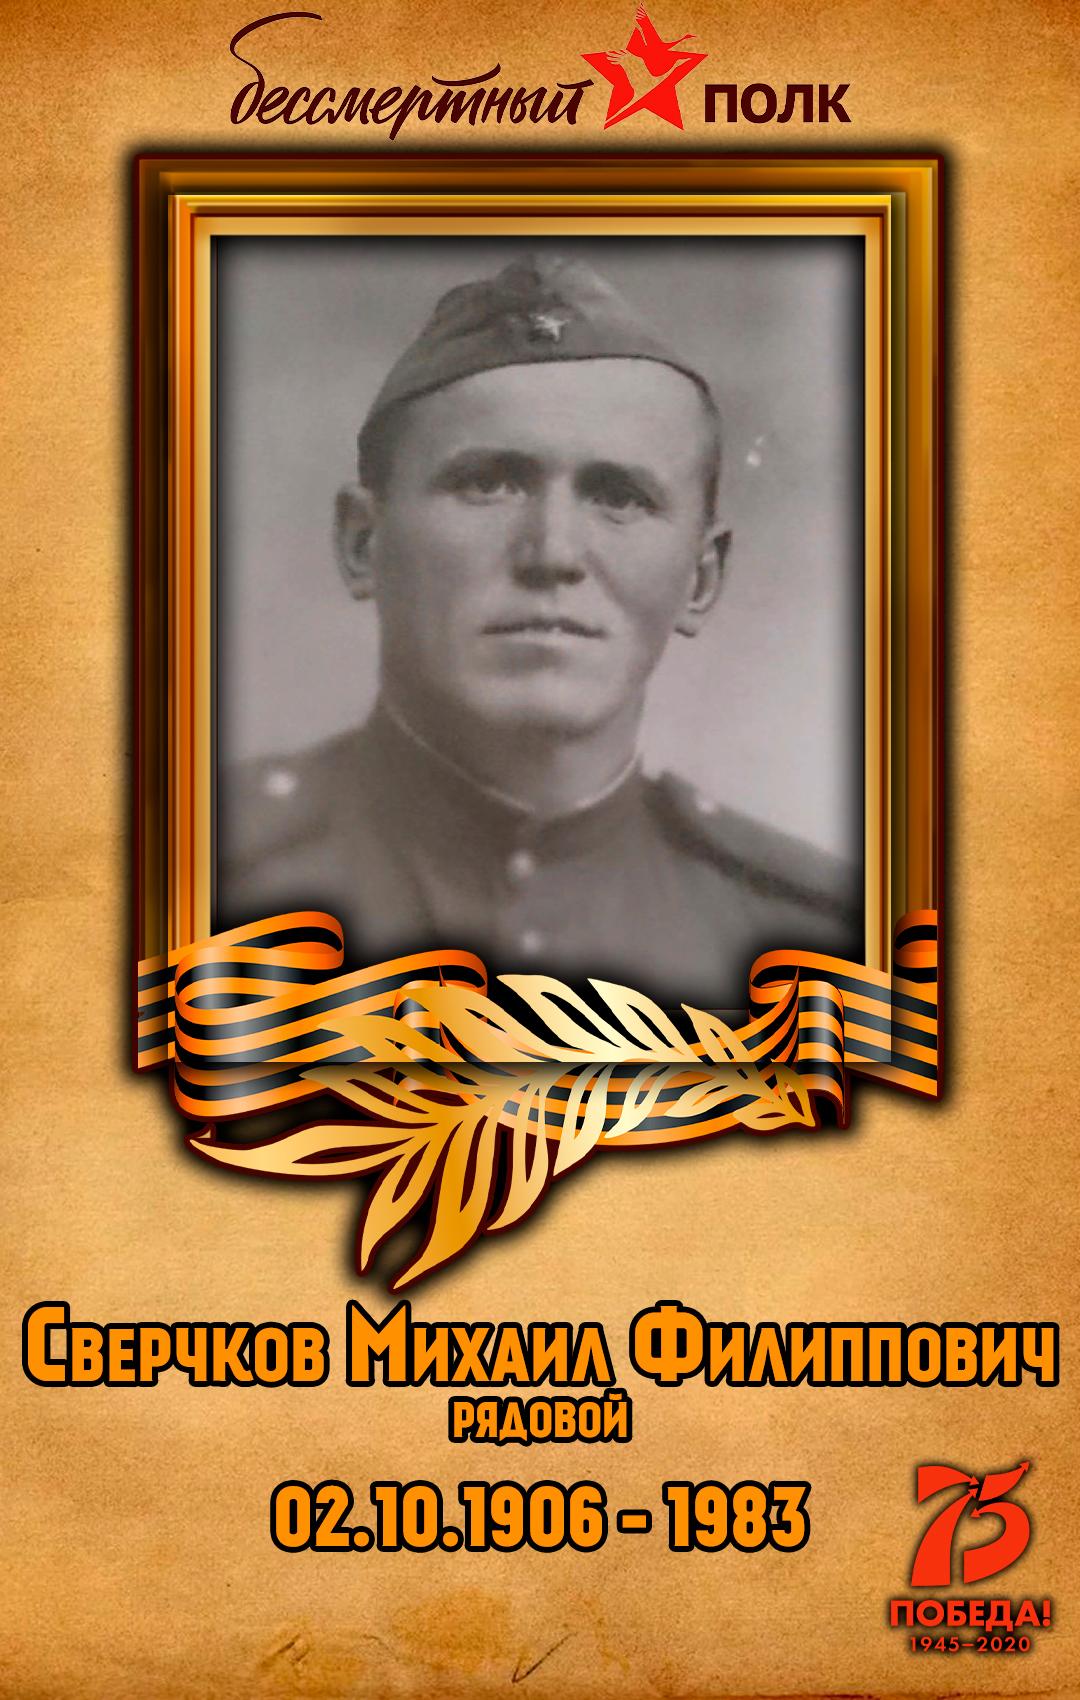 Сверчков-Михаил-Филиппович